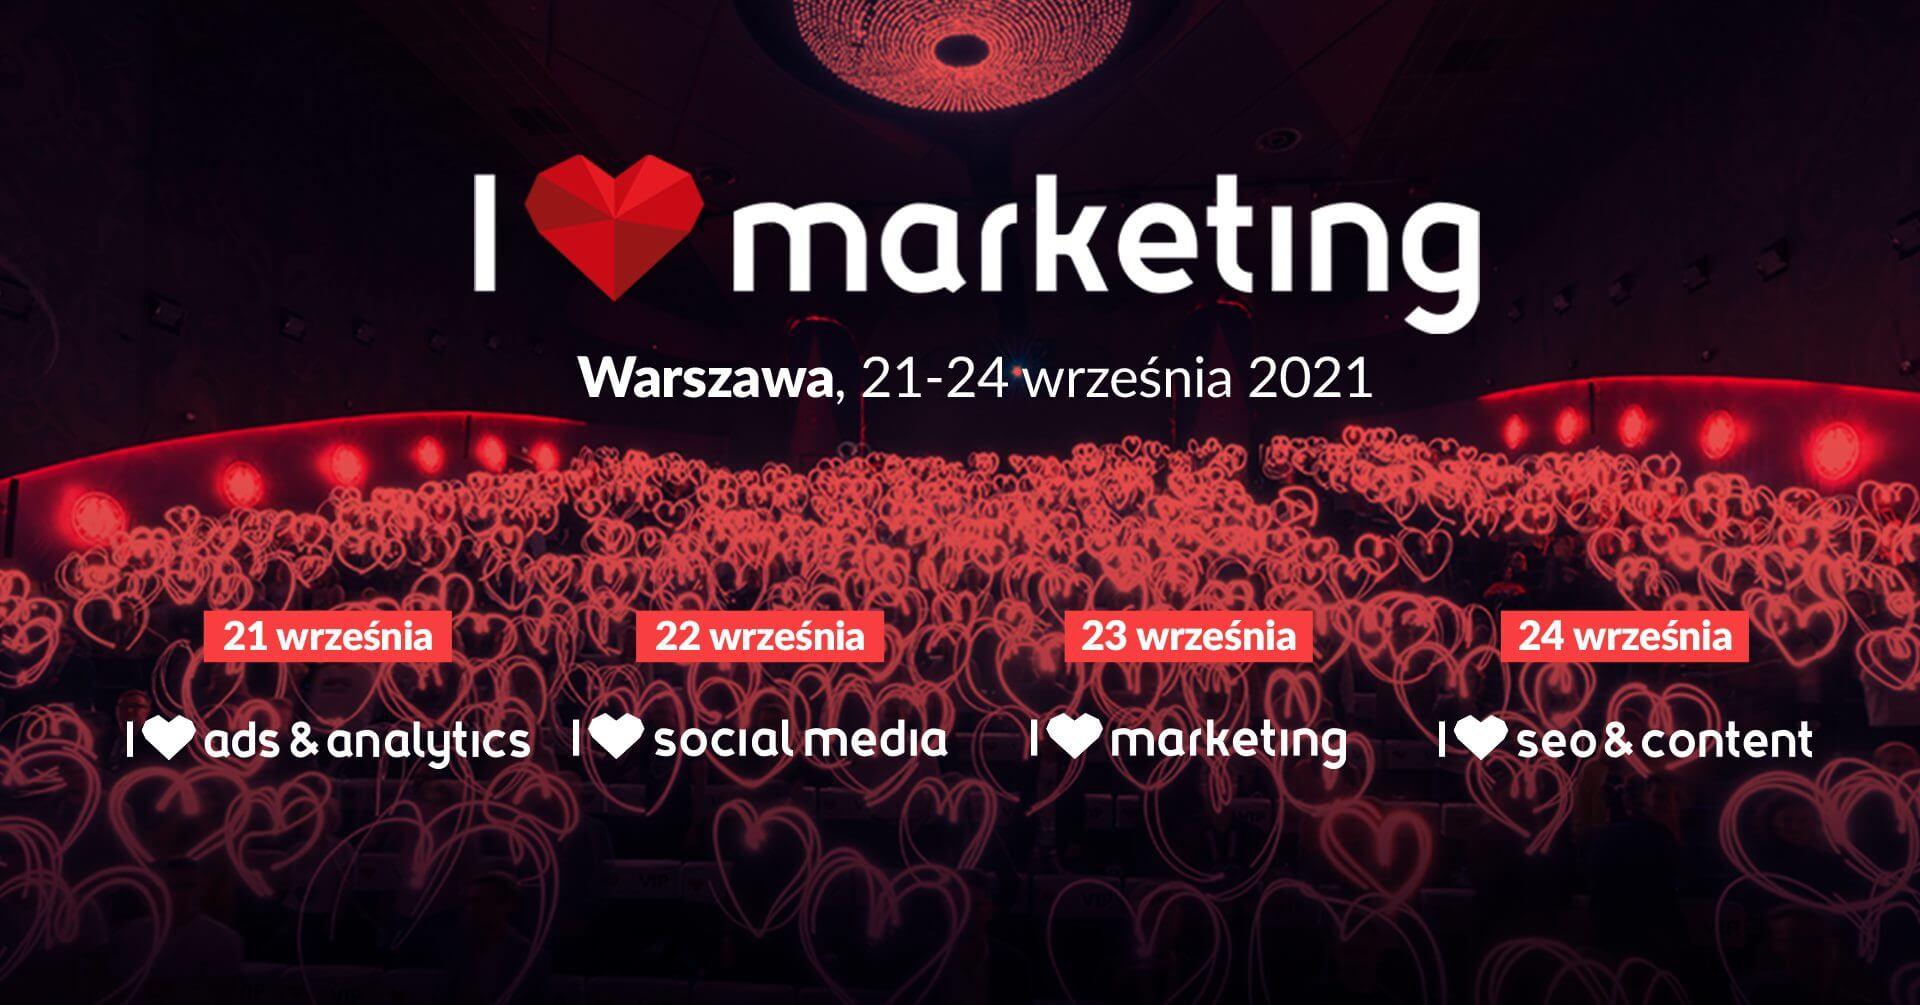 I Love Marketing 2021 Facebook